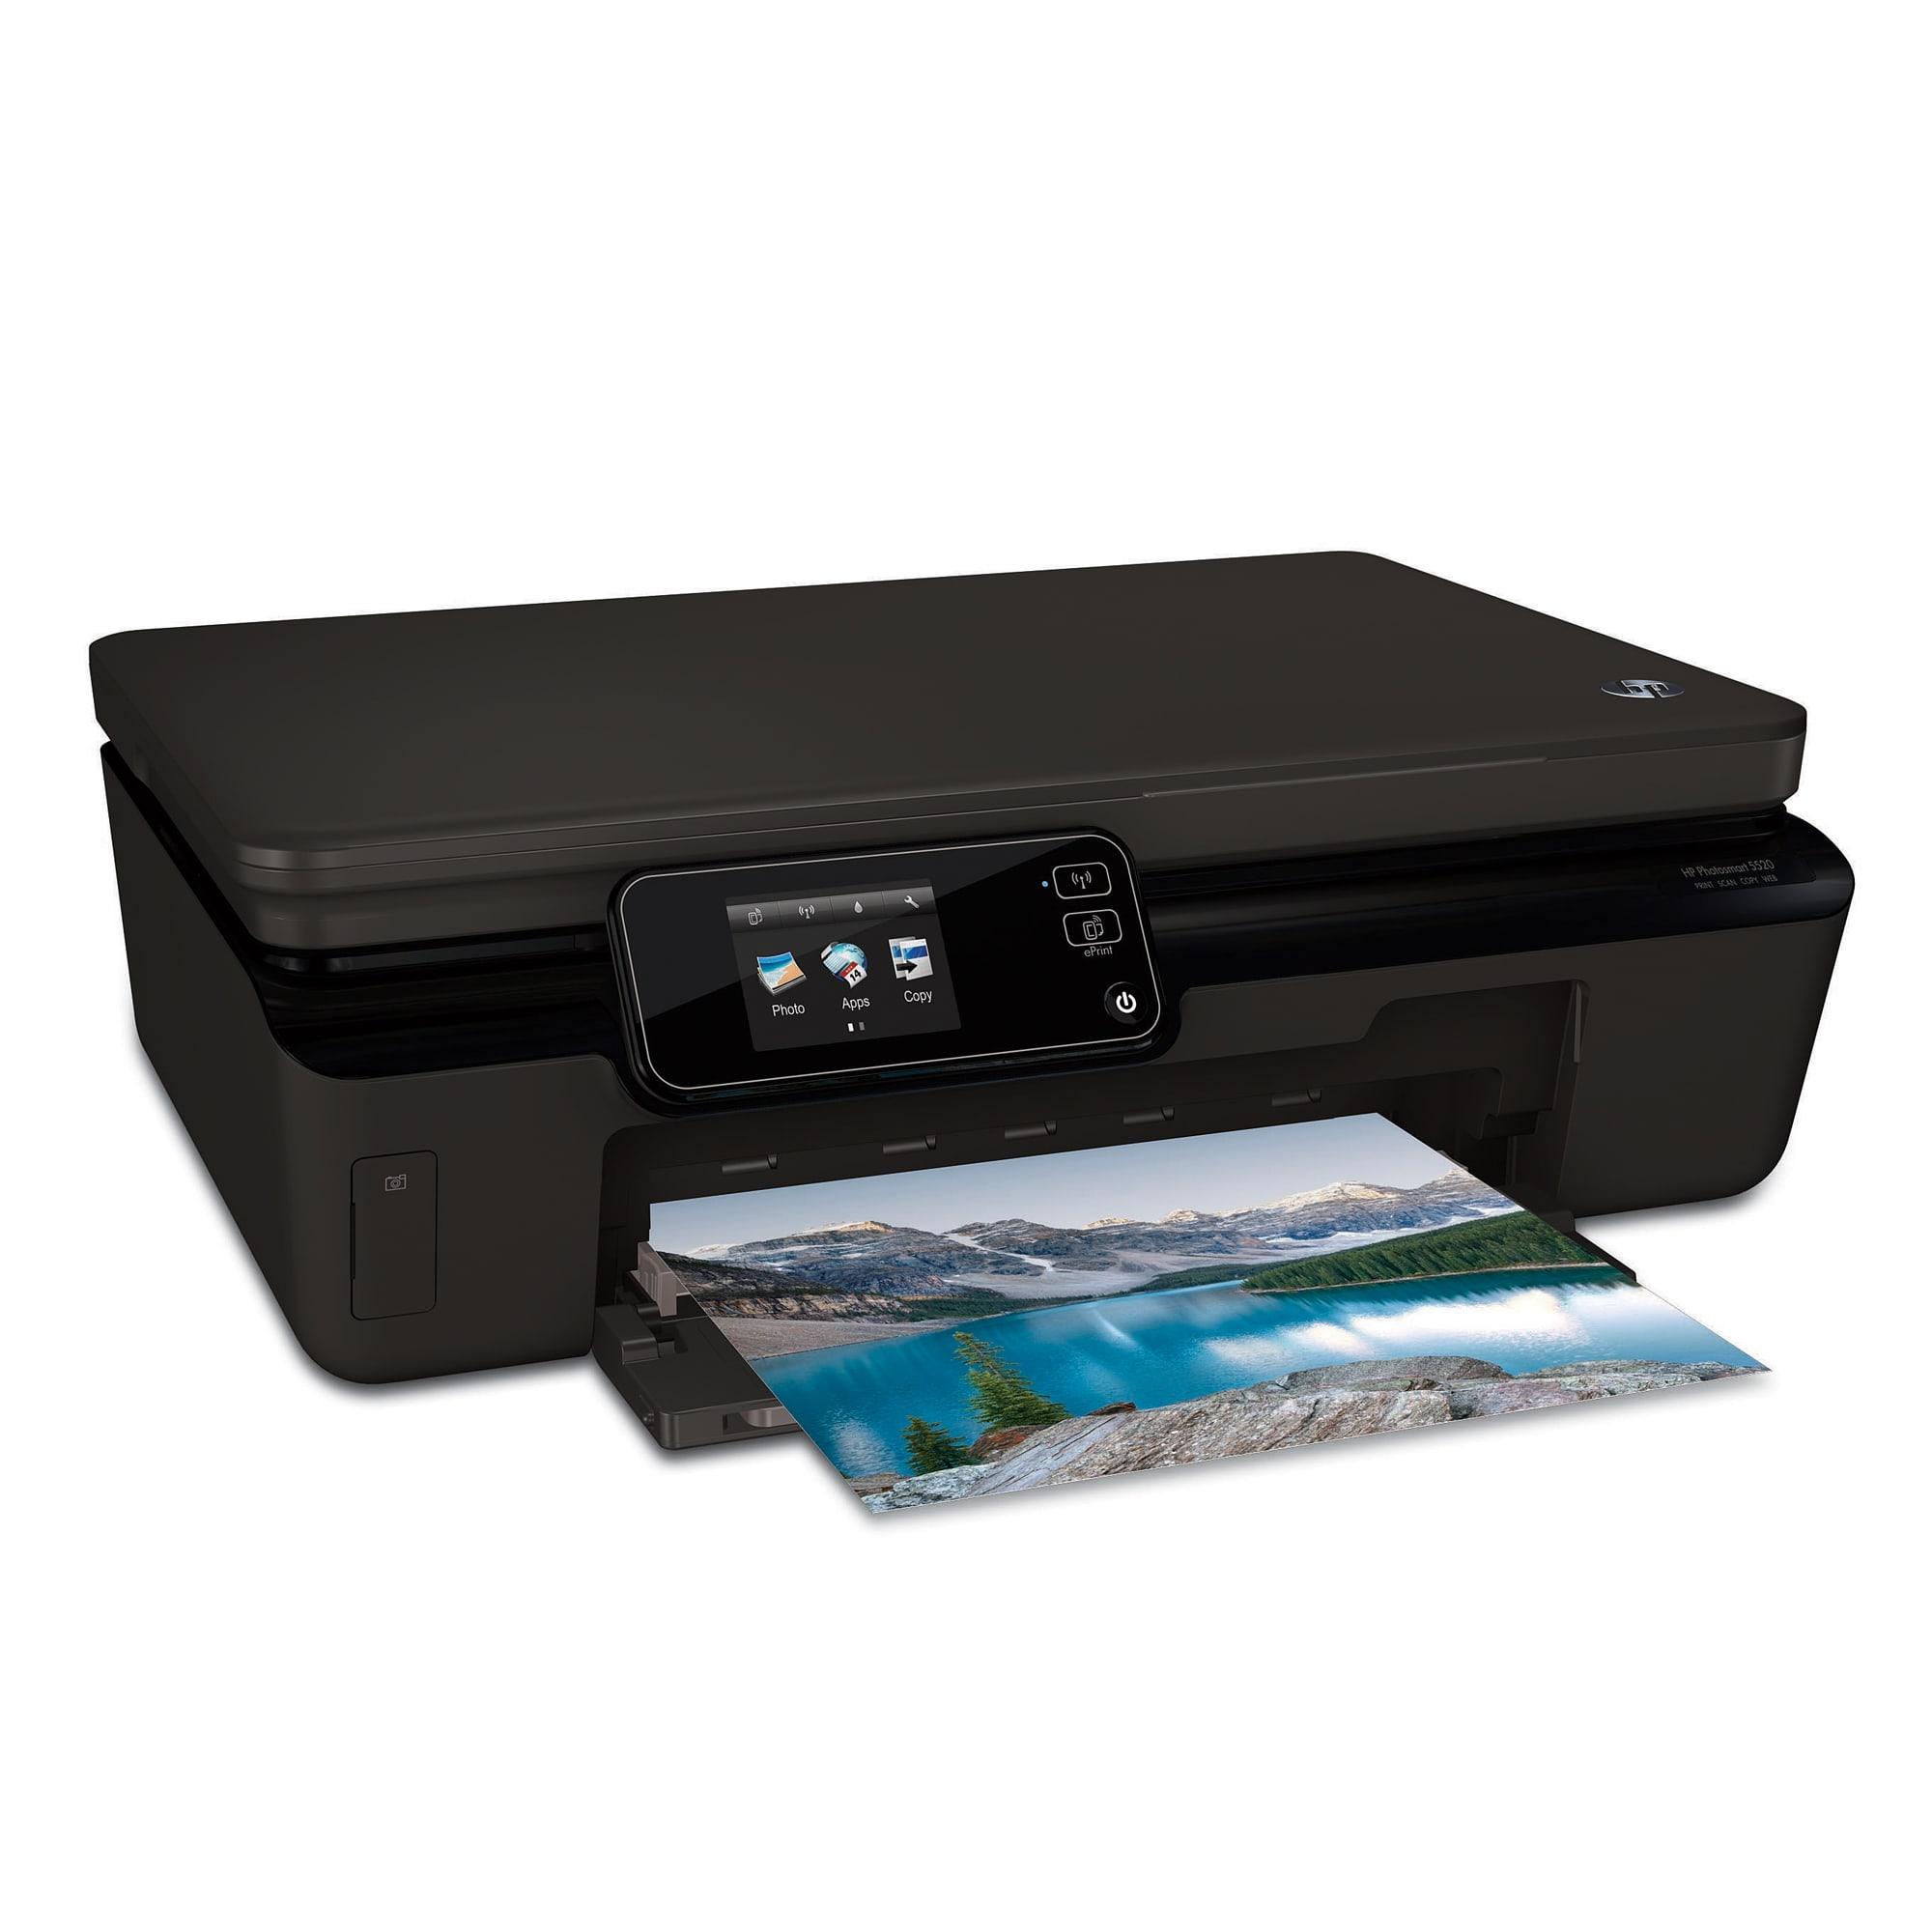 HP Photosmart 5520 e-All-In-One Inkjet Printer, Copier, Scanner